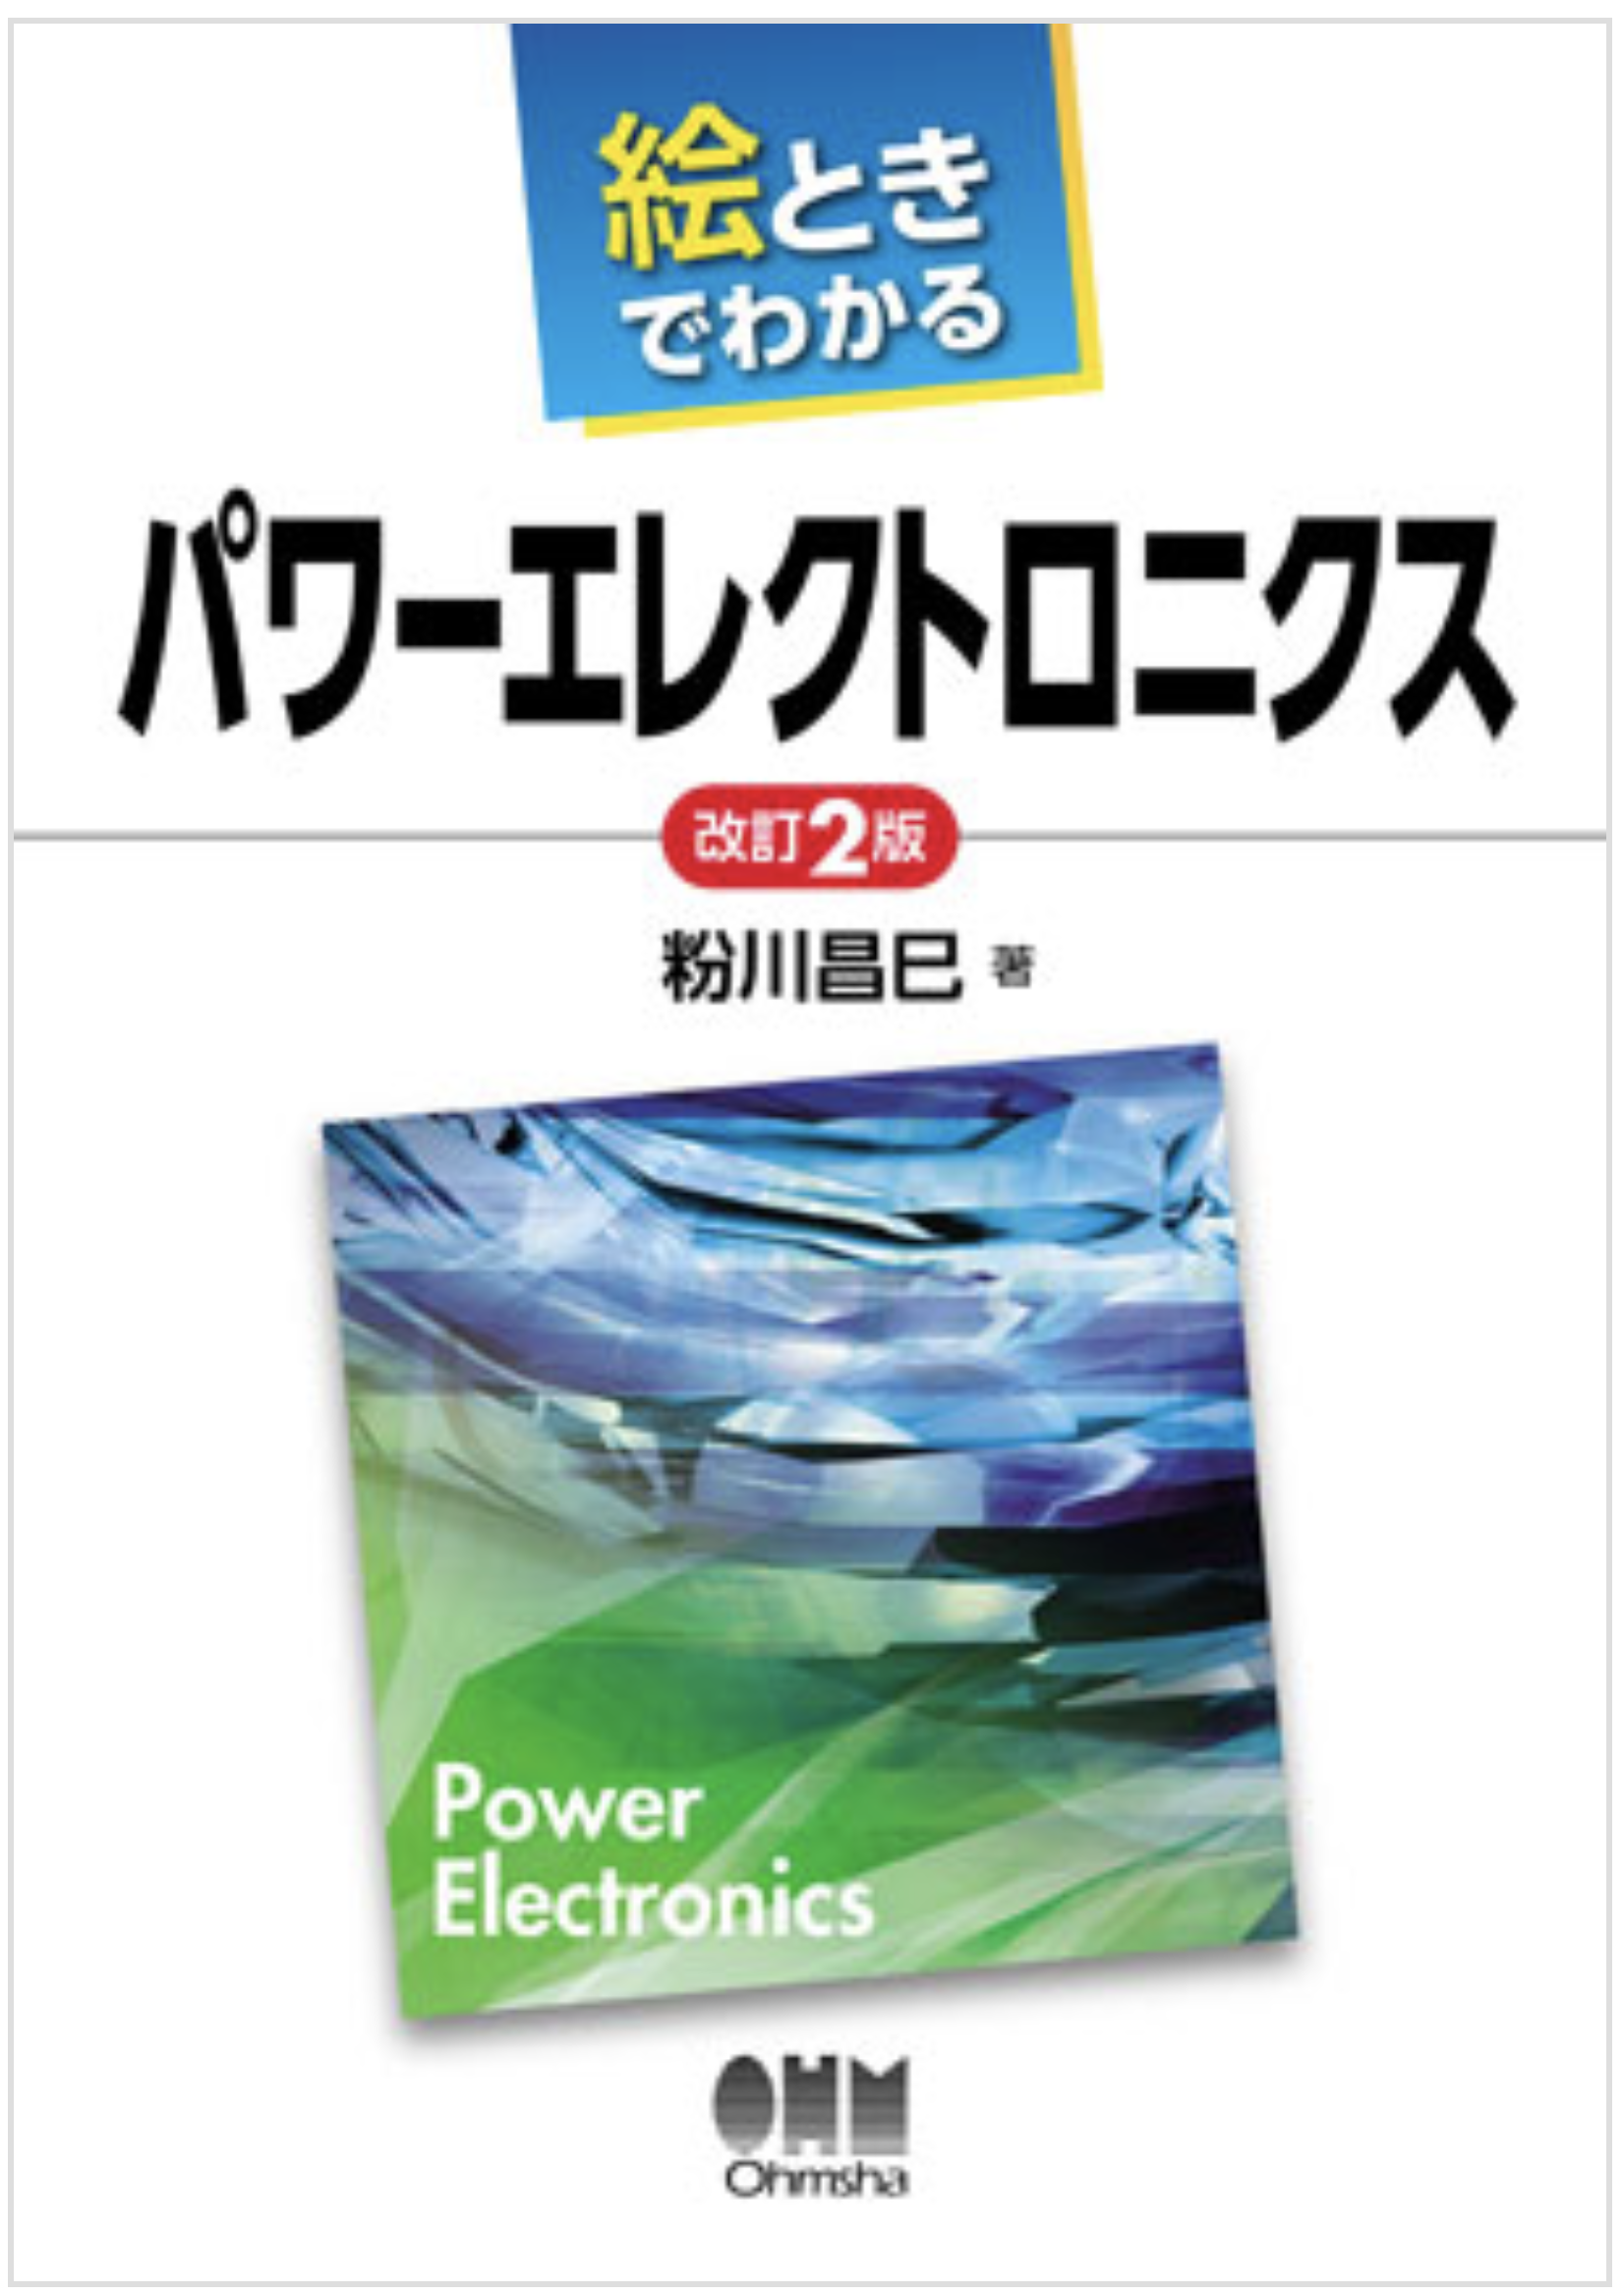 【新刊トピックス】絵ときでわかる パワーエレクトロニクス(改訂2版)の画像